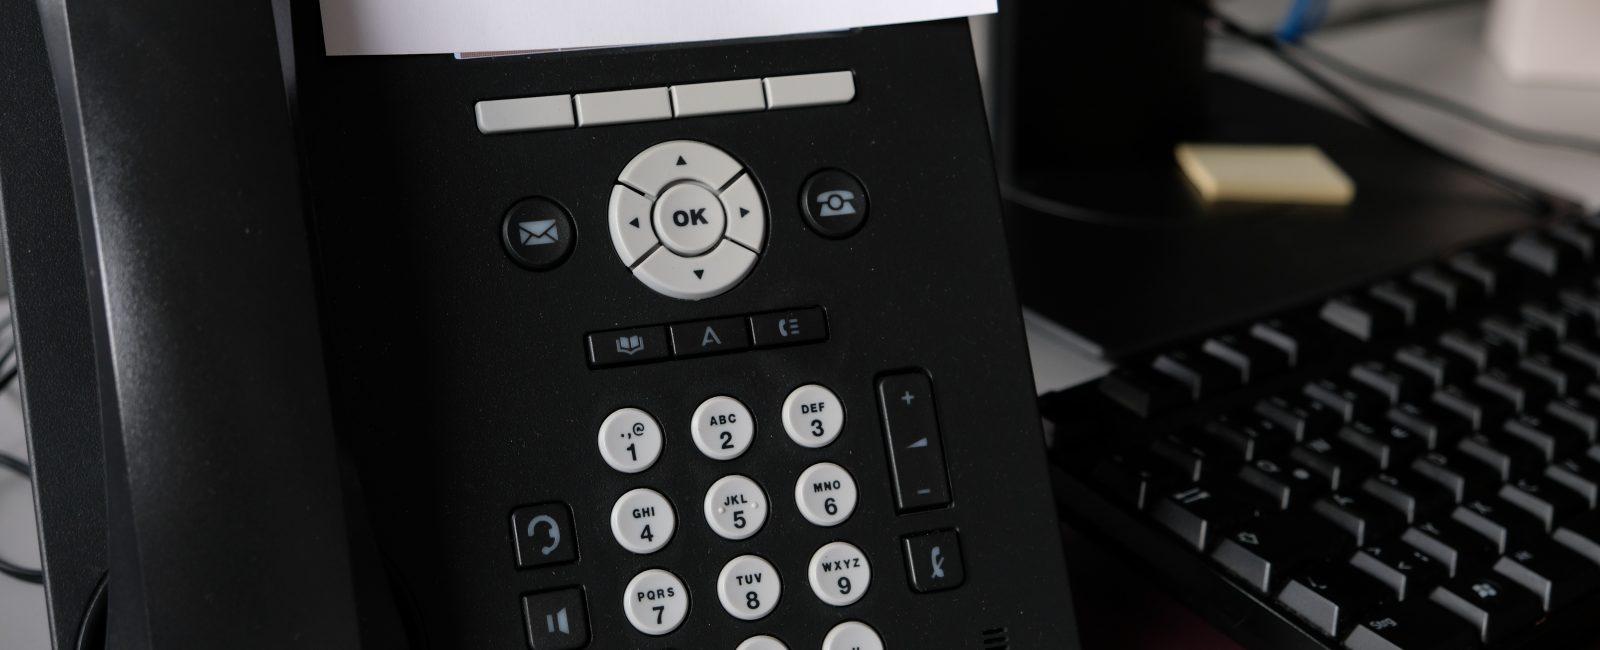 Bürgertelefon